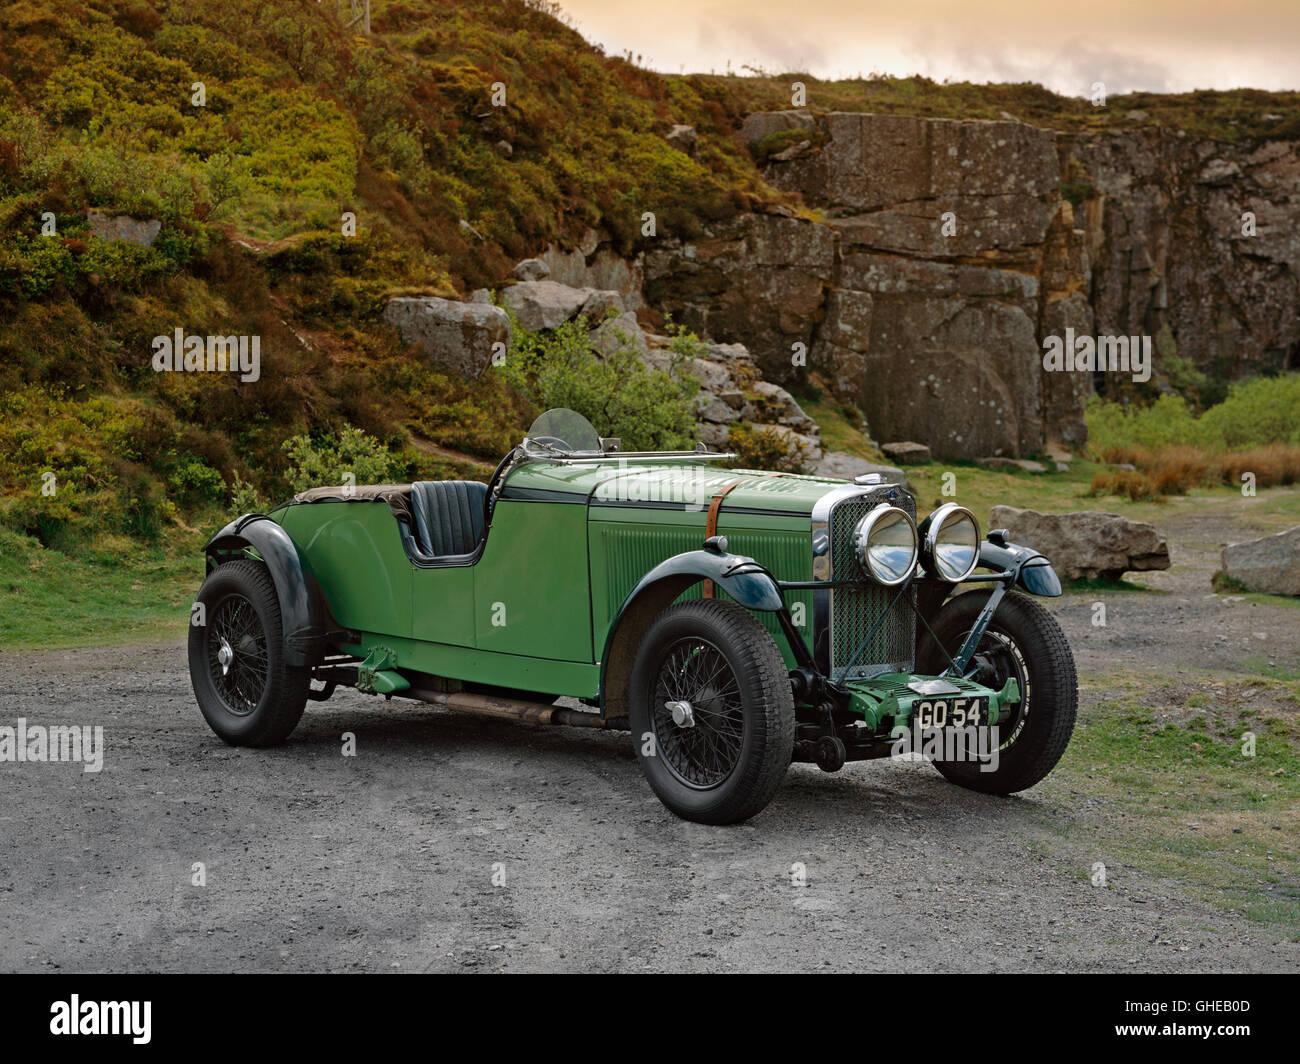 e38a493ff 1931 Talbot 105 3 0 litre racing team car Reg GO54 Country of origin United  Kingdom